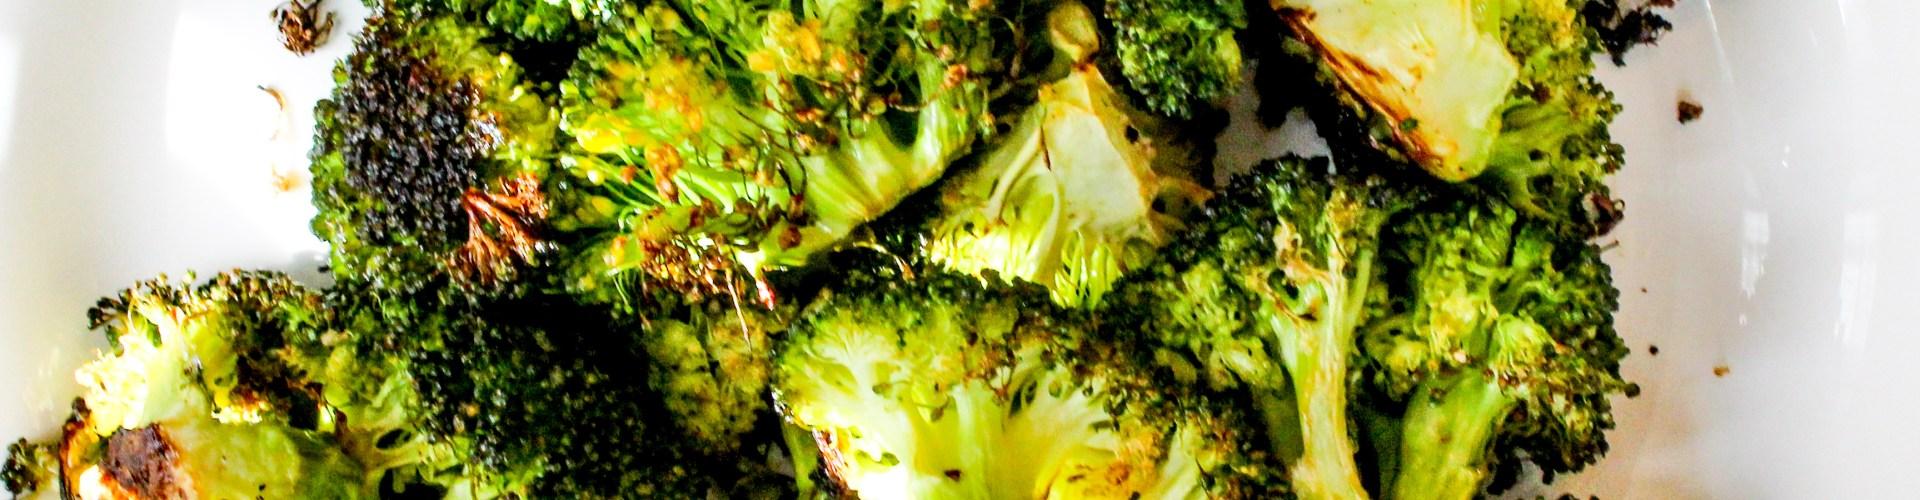 Garlic and Lemon Broccoli